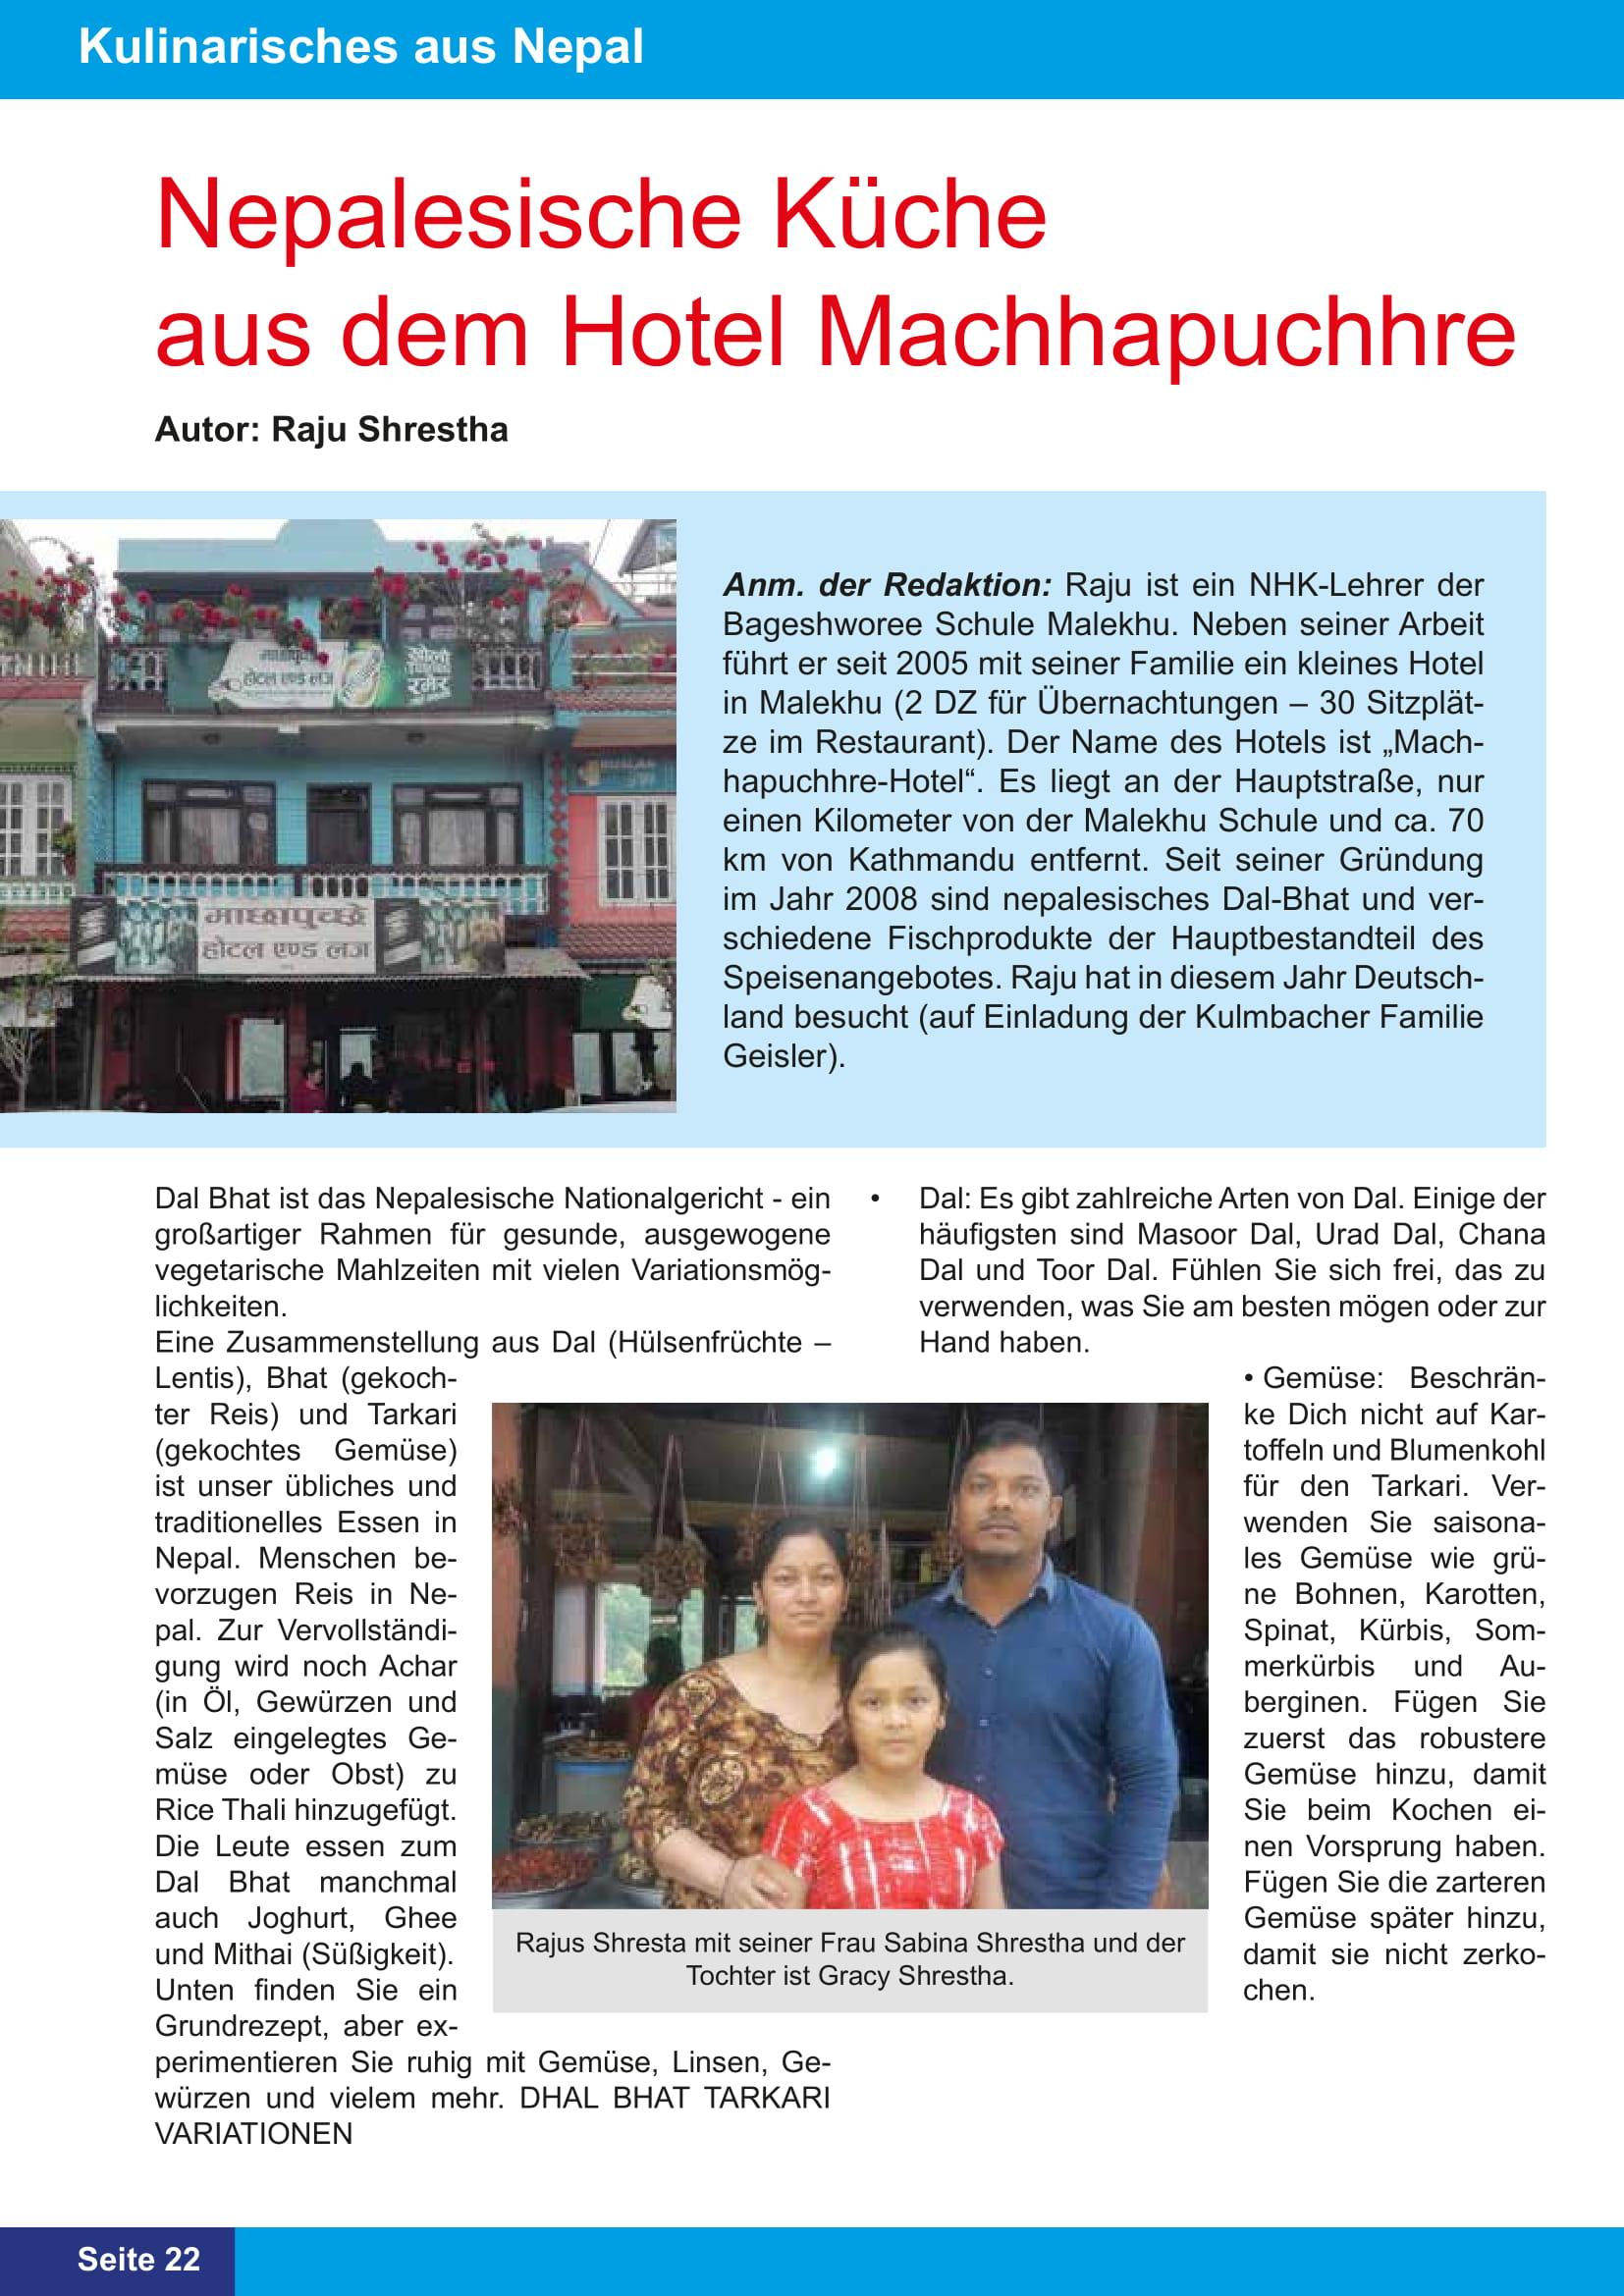 Nepalnachrichten 10_18-22